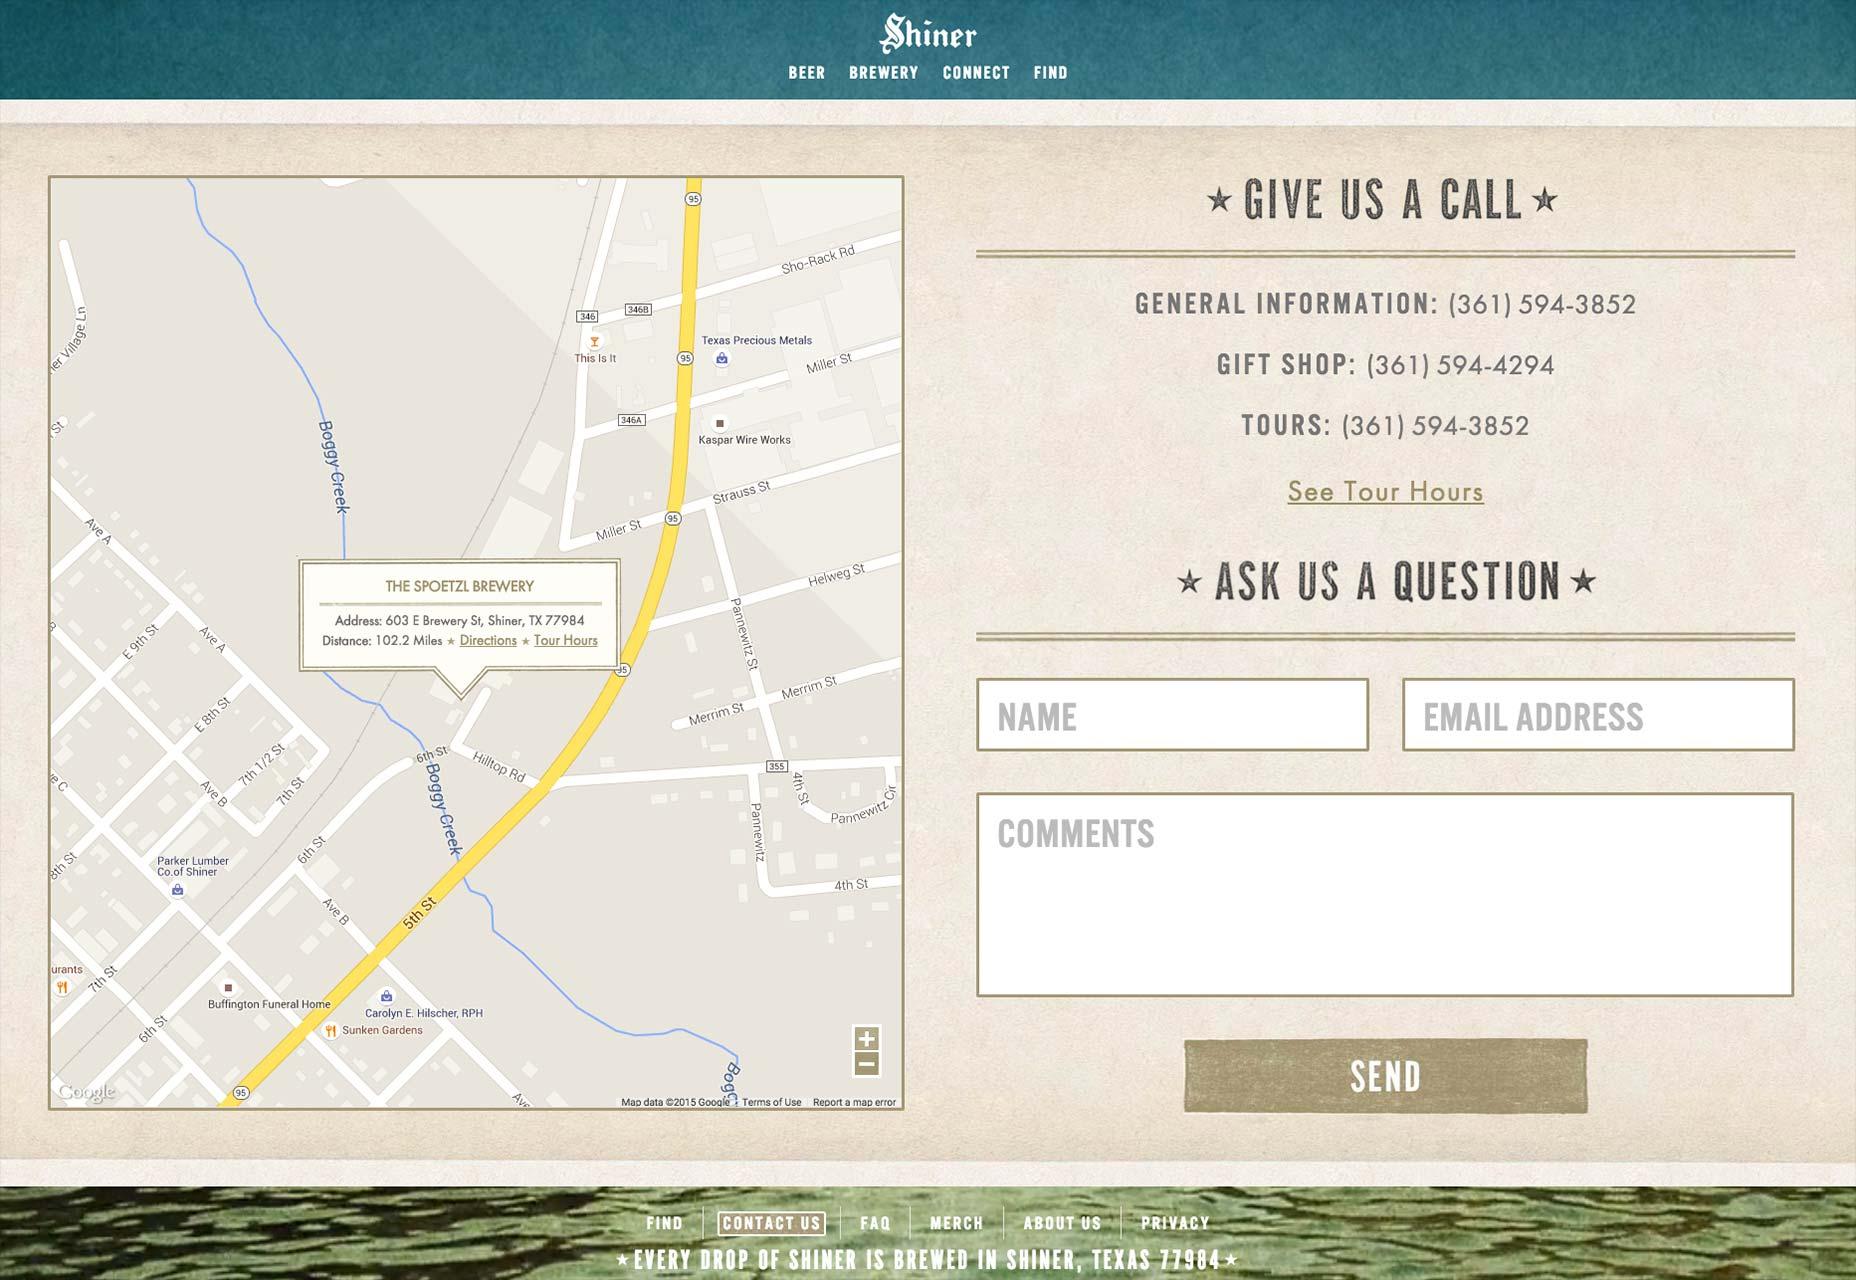 Páginas web: Cómo diseñar la página de contacto perfecta | Buenas ...